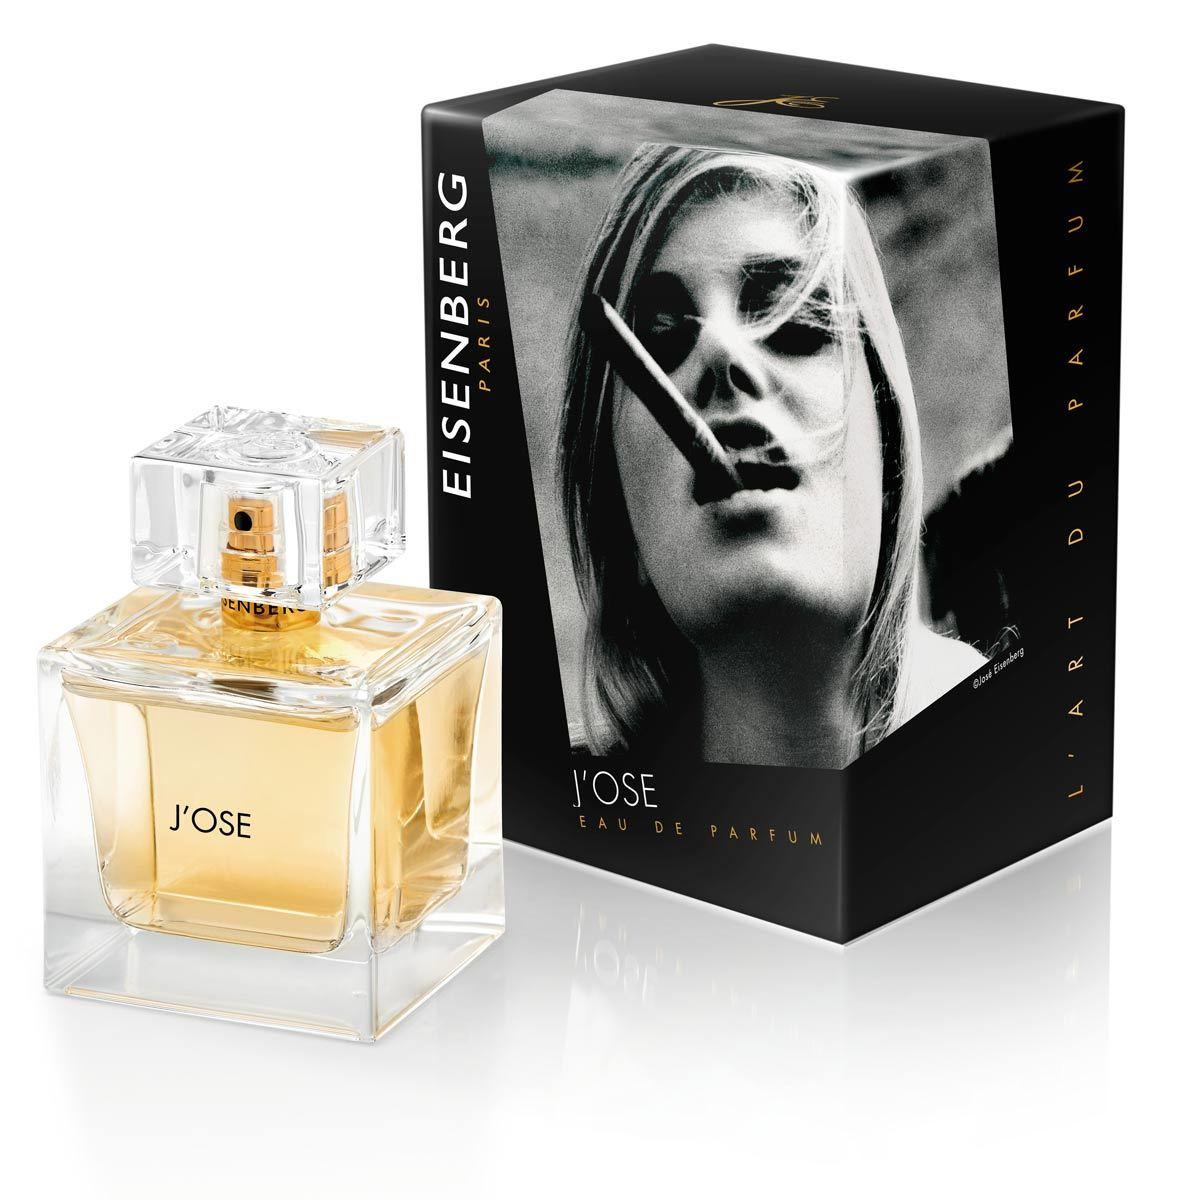 Eau de Parfum J'Ose, de Eisenberg (85 euros, 50 ml).